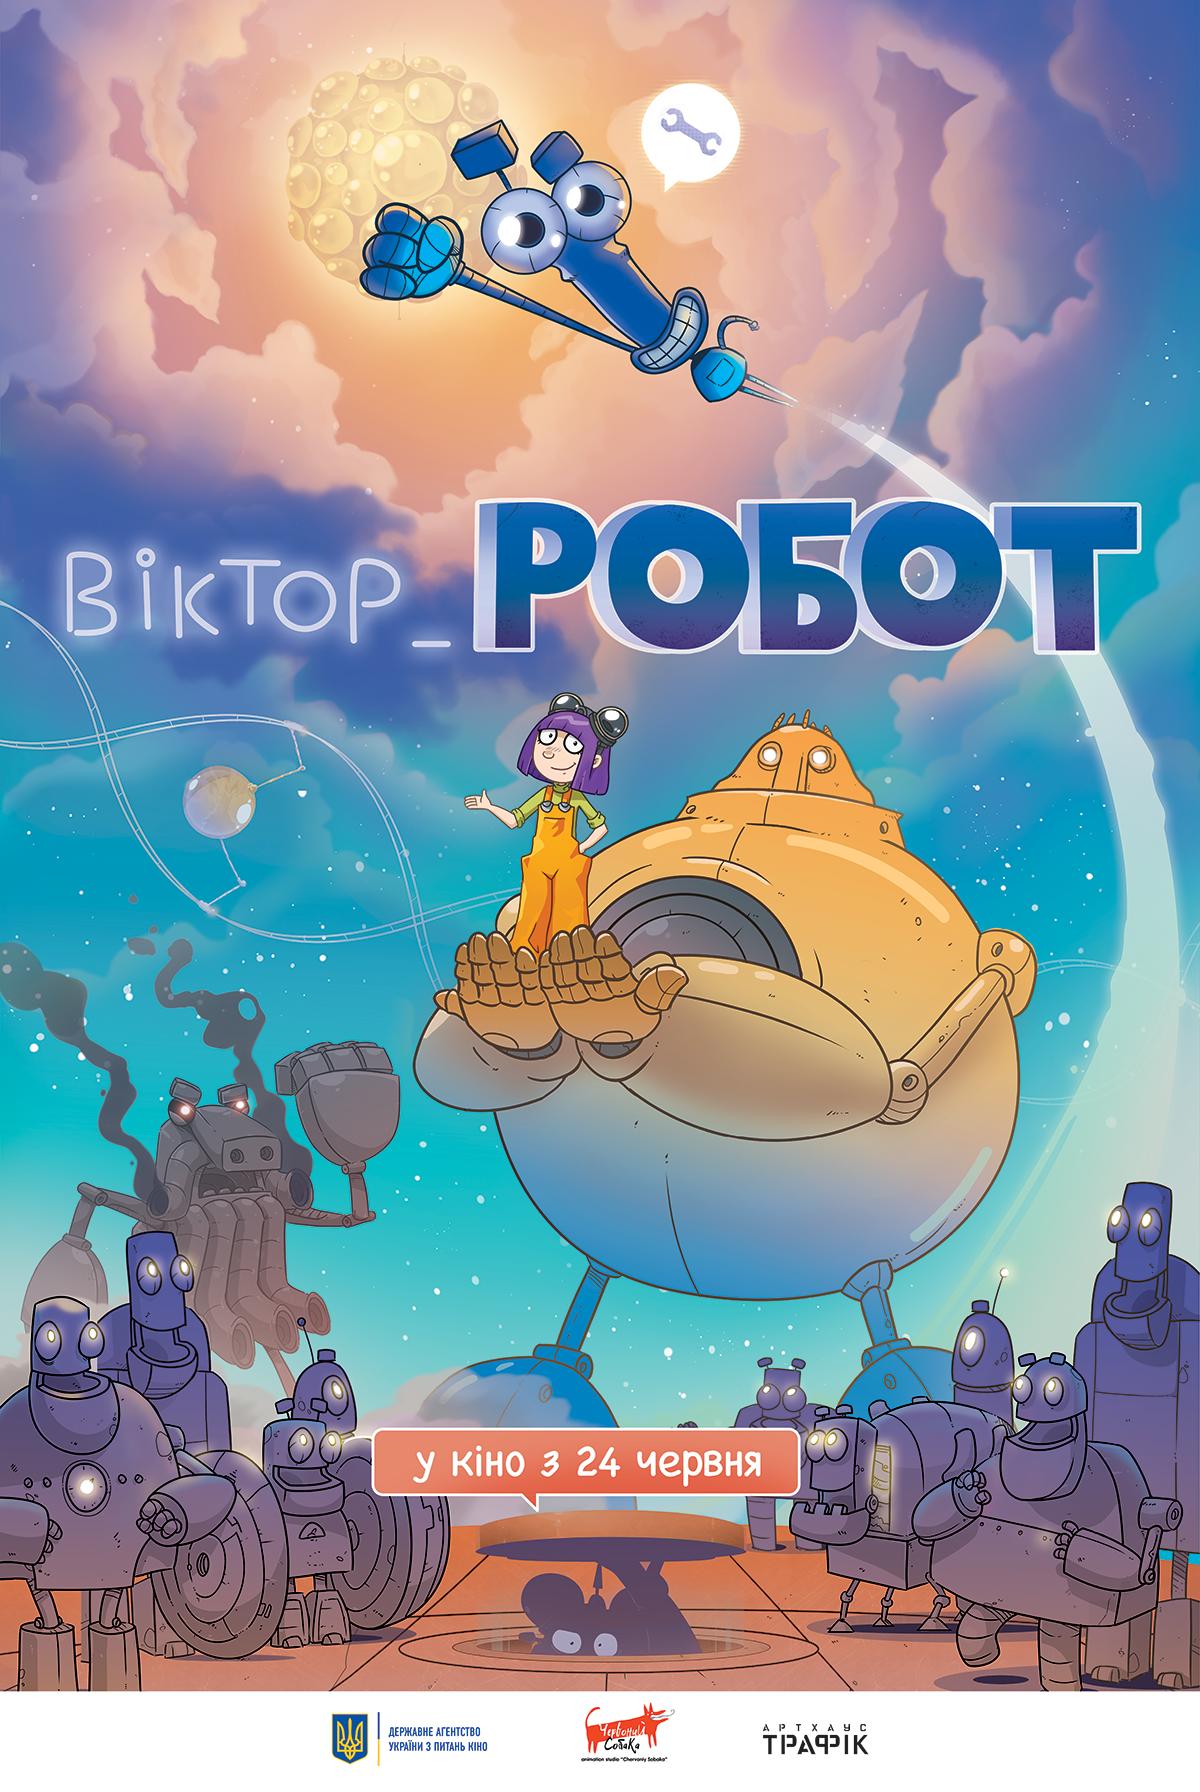 Віктор_Робот мультфільм